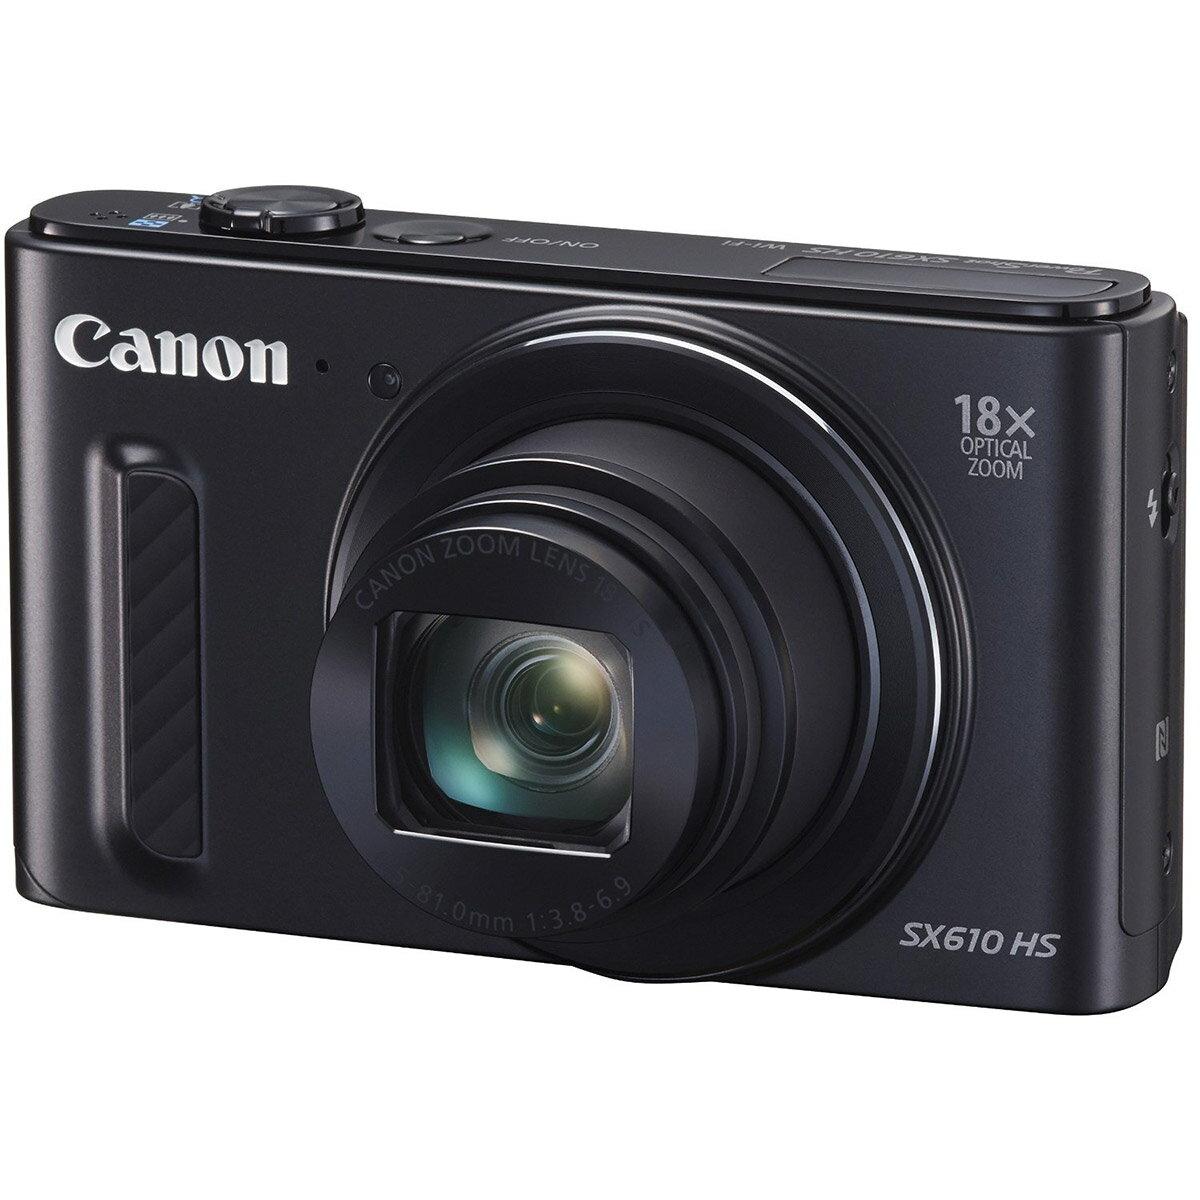 【送料無料】 キヤノン PowerShot SX610 HS ブラック [2020万画素/光学18倍ズーム/デジタルカメラ/Canon]